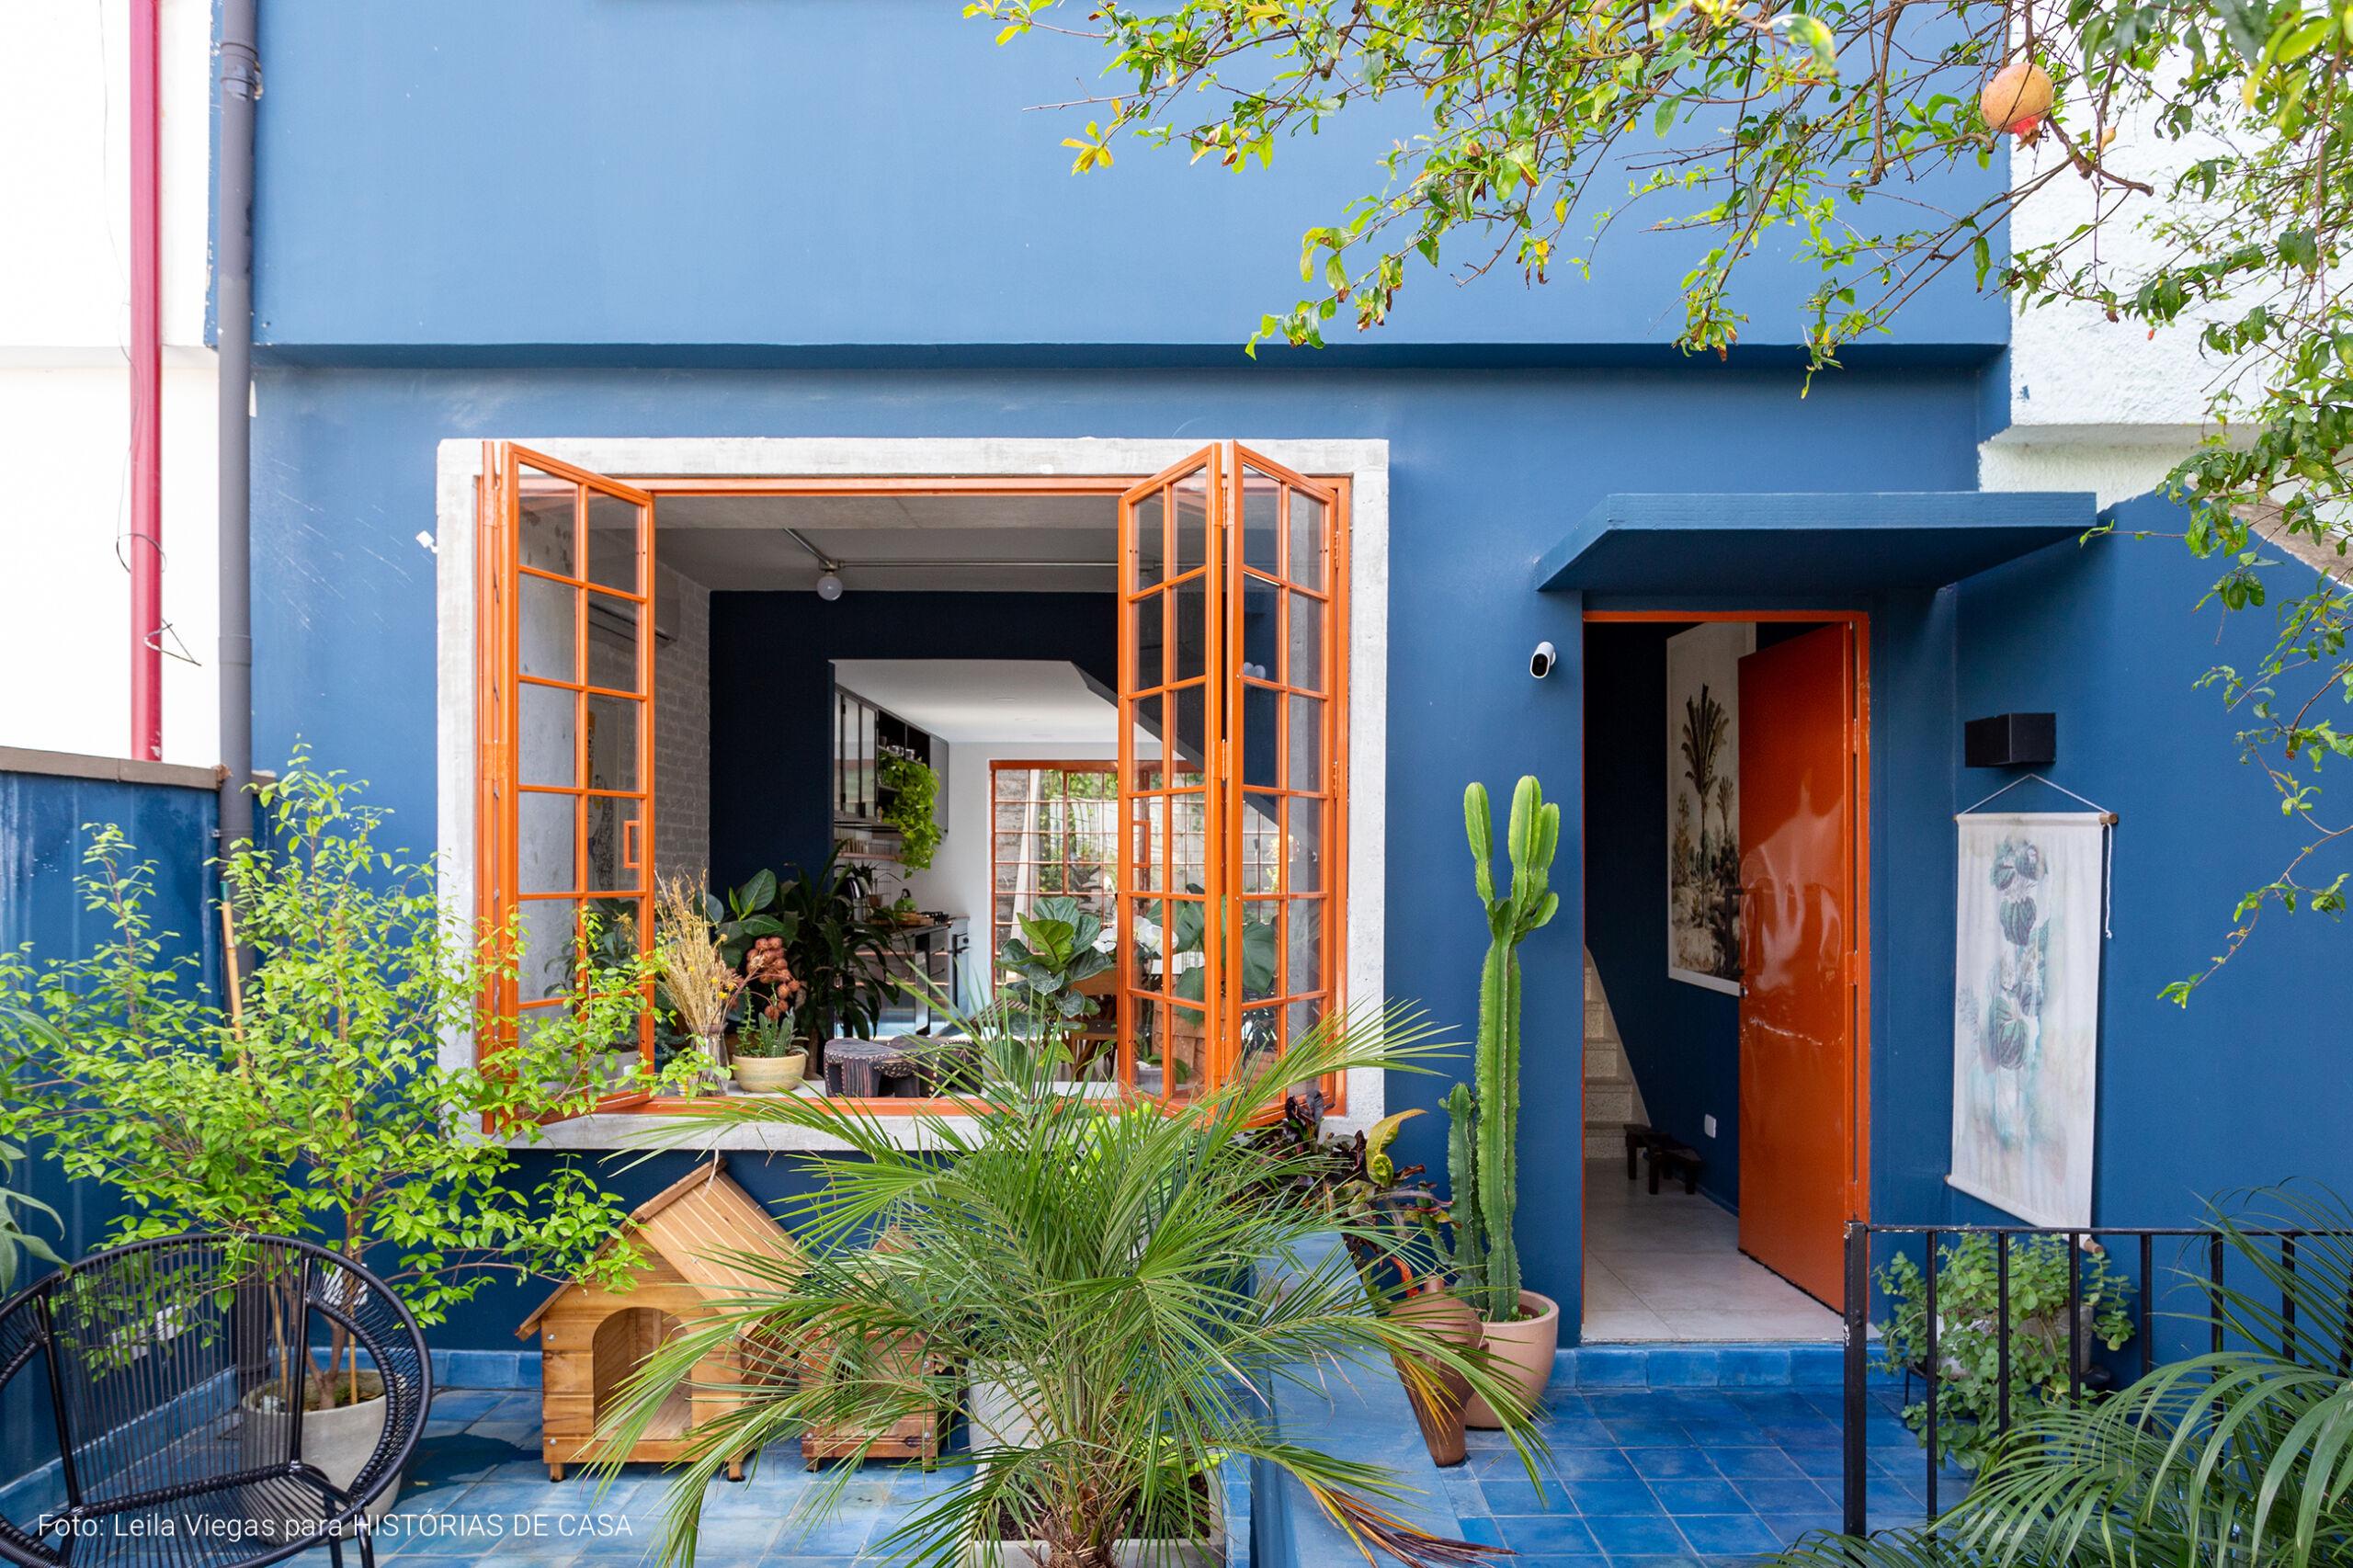 Casa de dois andares com decoração colorida e jardim aconchegante